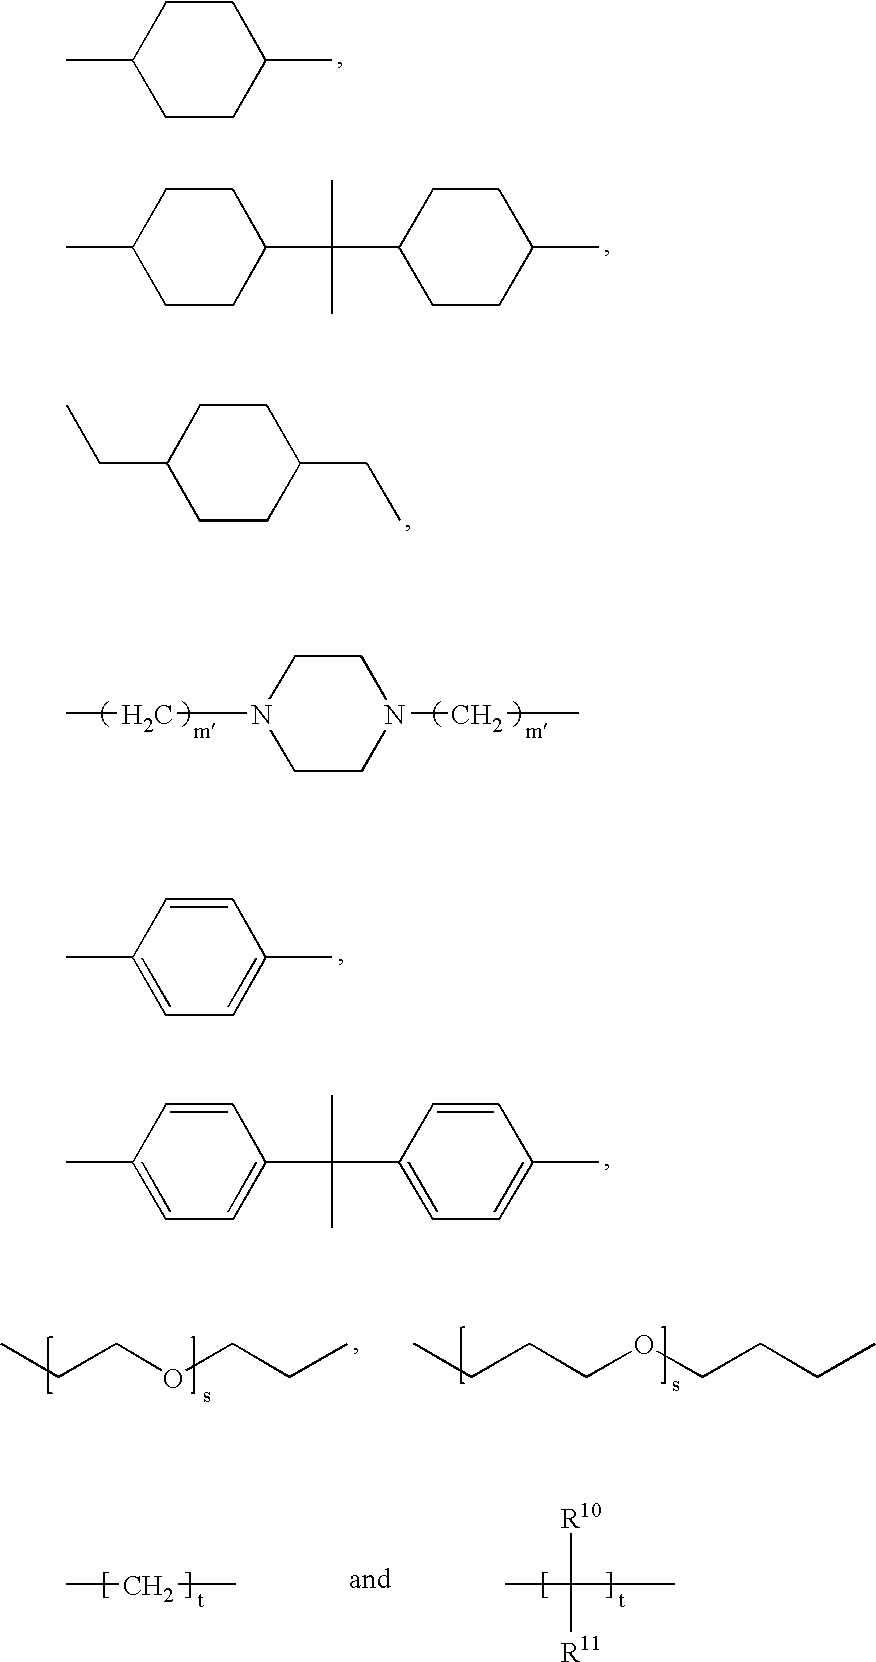 Figure US20060235084A1-20061019-C00014